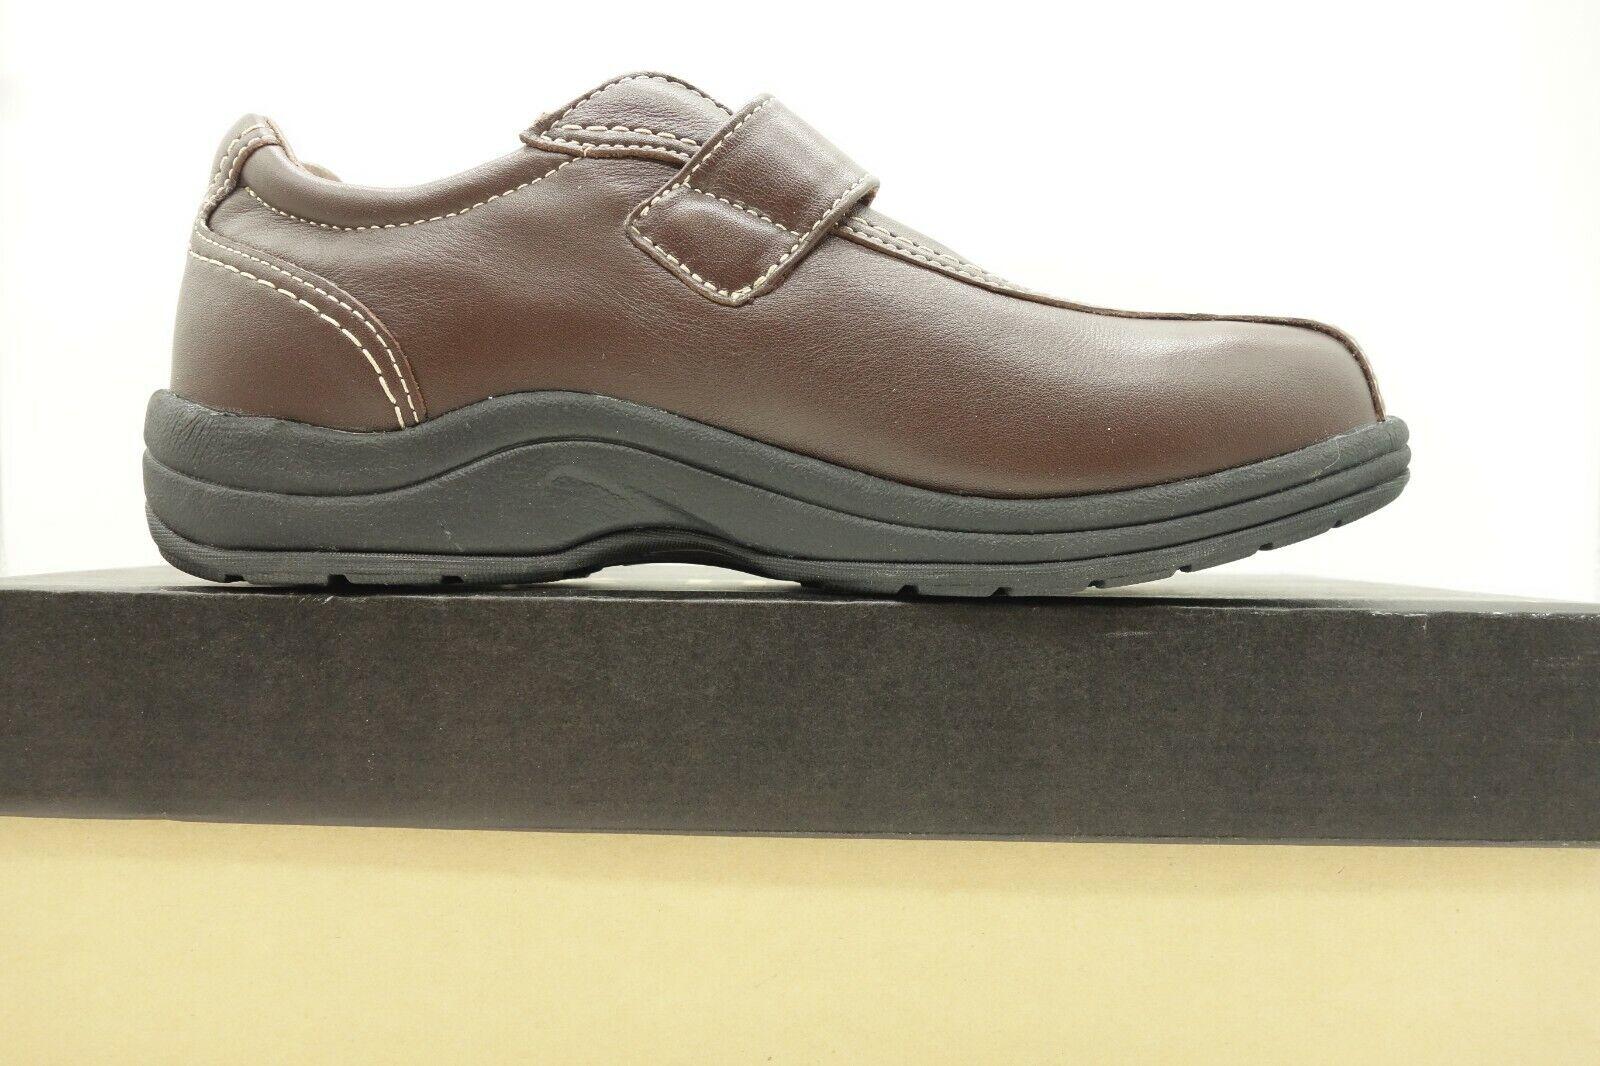 Garanzia di vestibilità al 100% PW PW PW Minor Marrone Leather Casual Comfort Buckle Slip On Loafer scarpe donna 7.5 W  fino al 60% di sconto